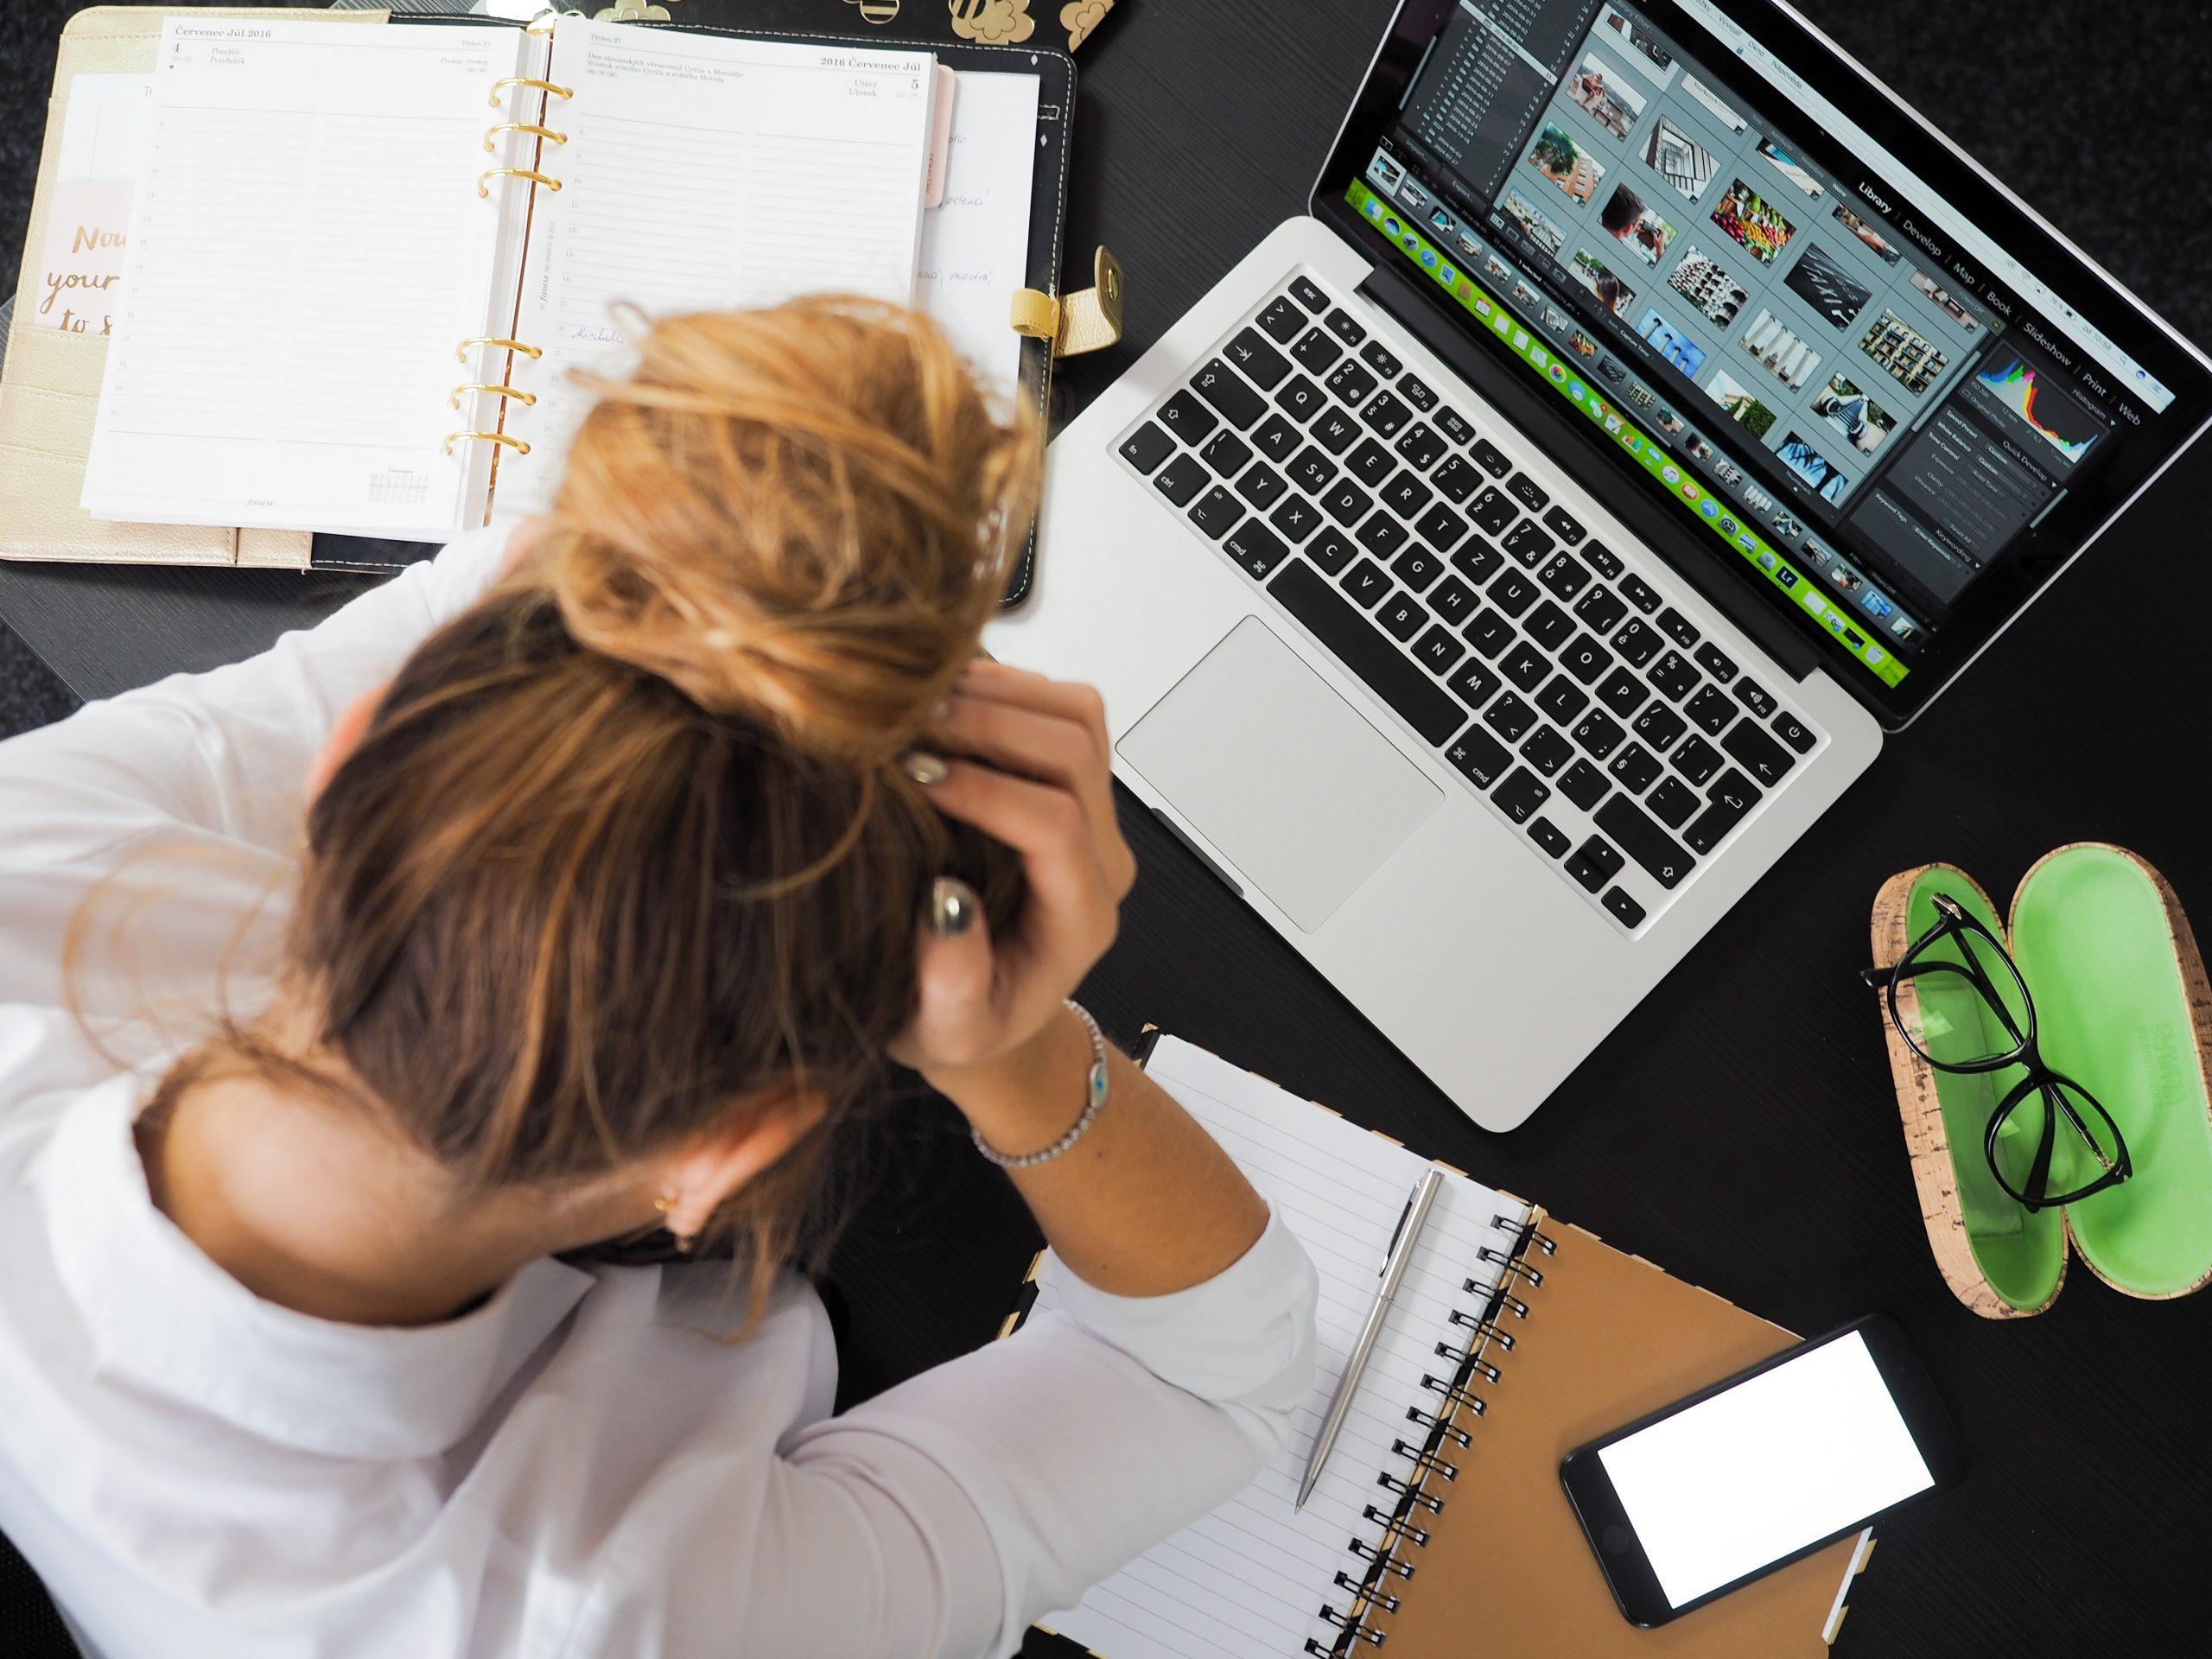 Eine Frau sitzt vor ihrem Laptop. Sie stützt in offensichtlicher Überforderung den Kopf in die Hände.